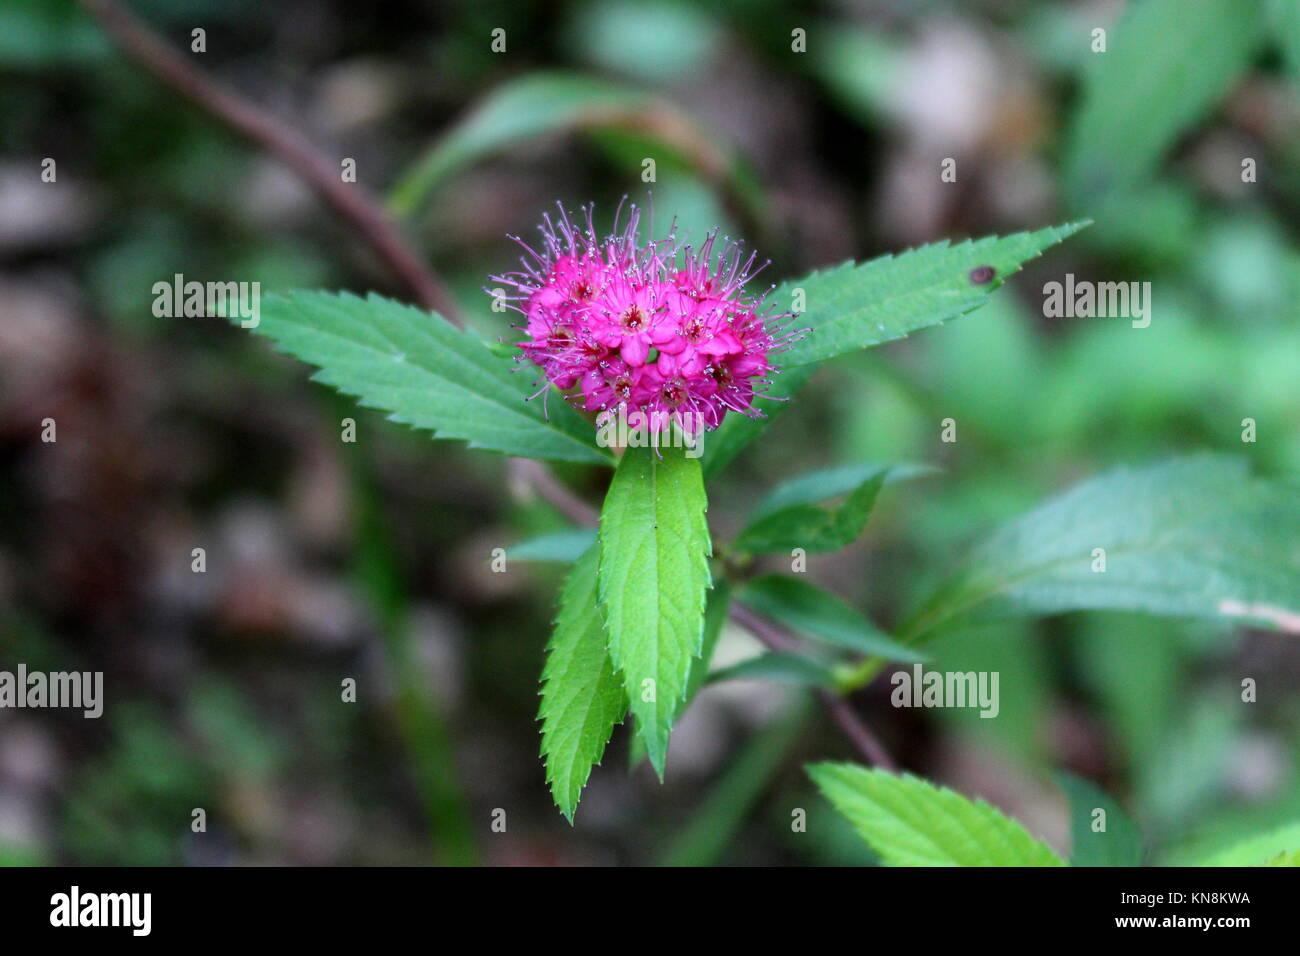 Spiraea japonica o giapponese olmaria bellissima partita di piccoli fiori viola con grandi foglie appuntite su foglie Immagini Stock